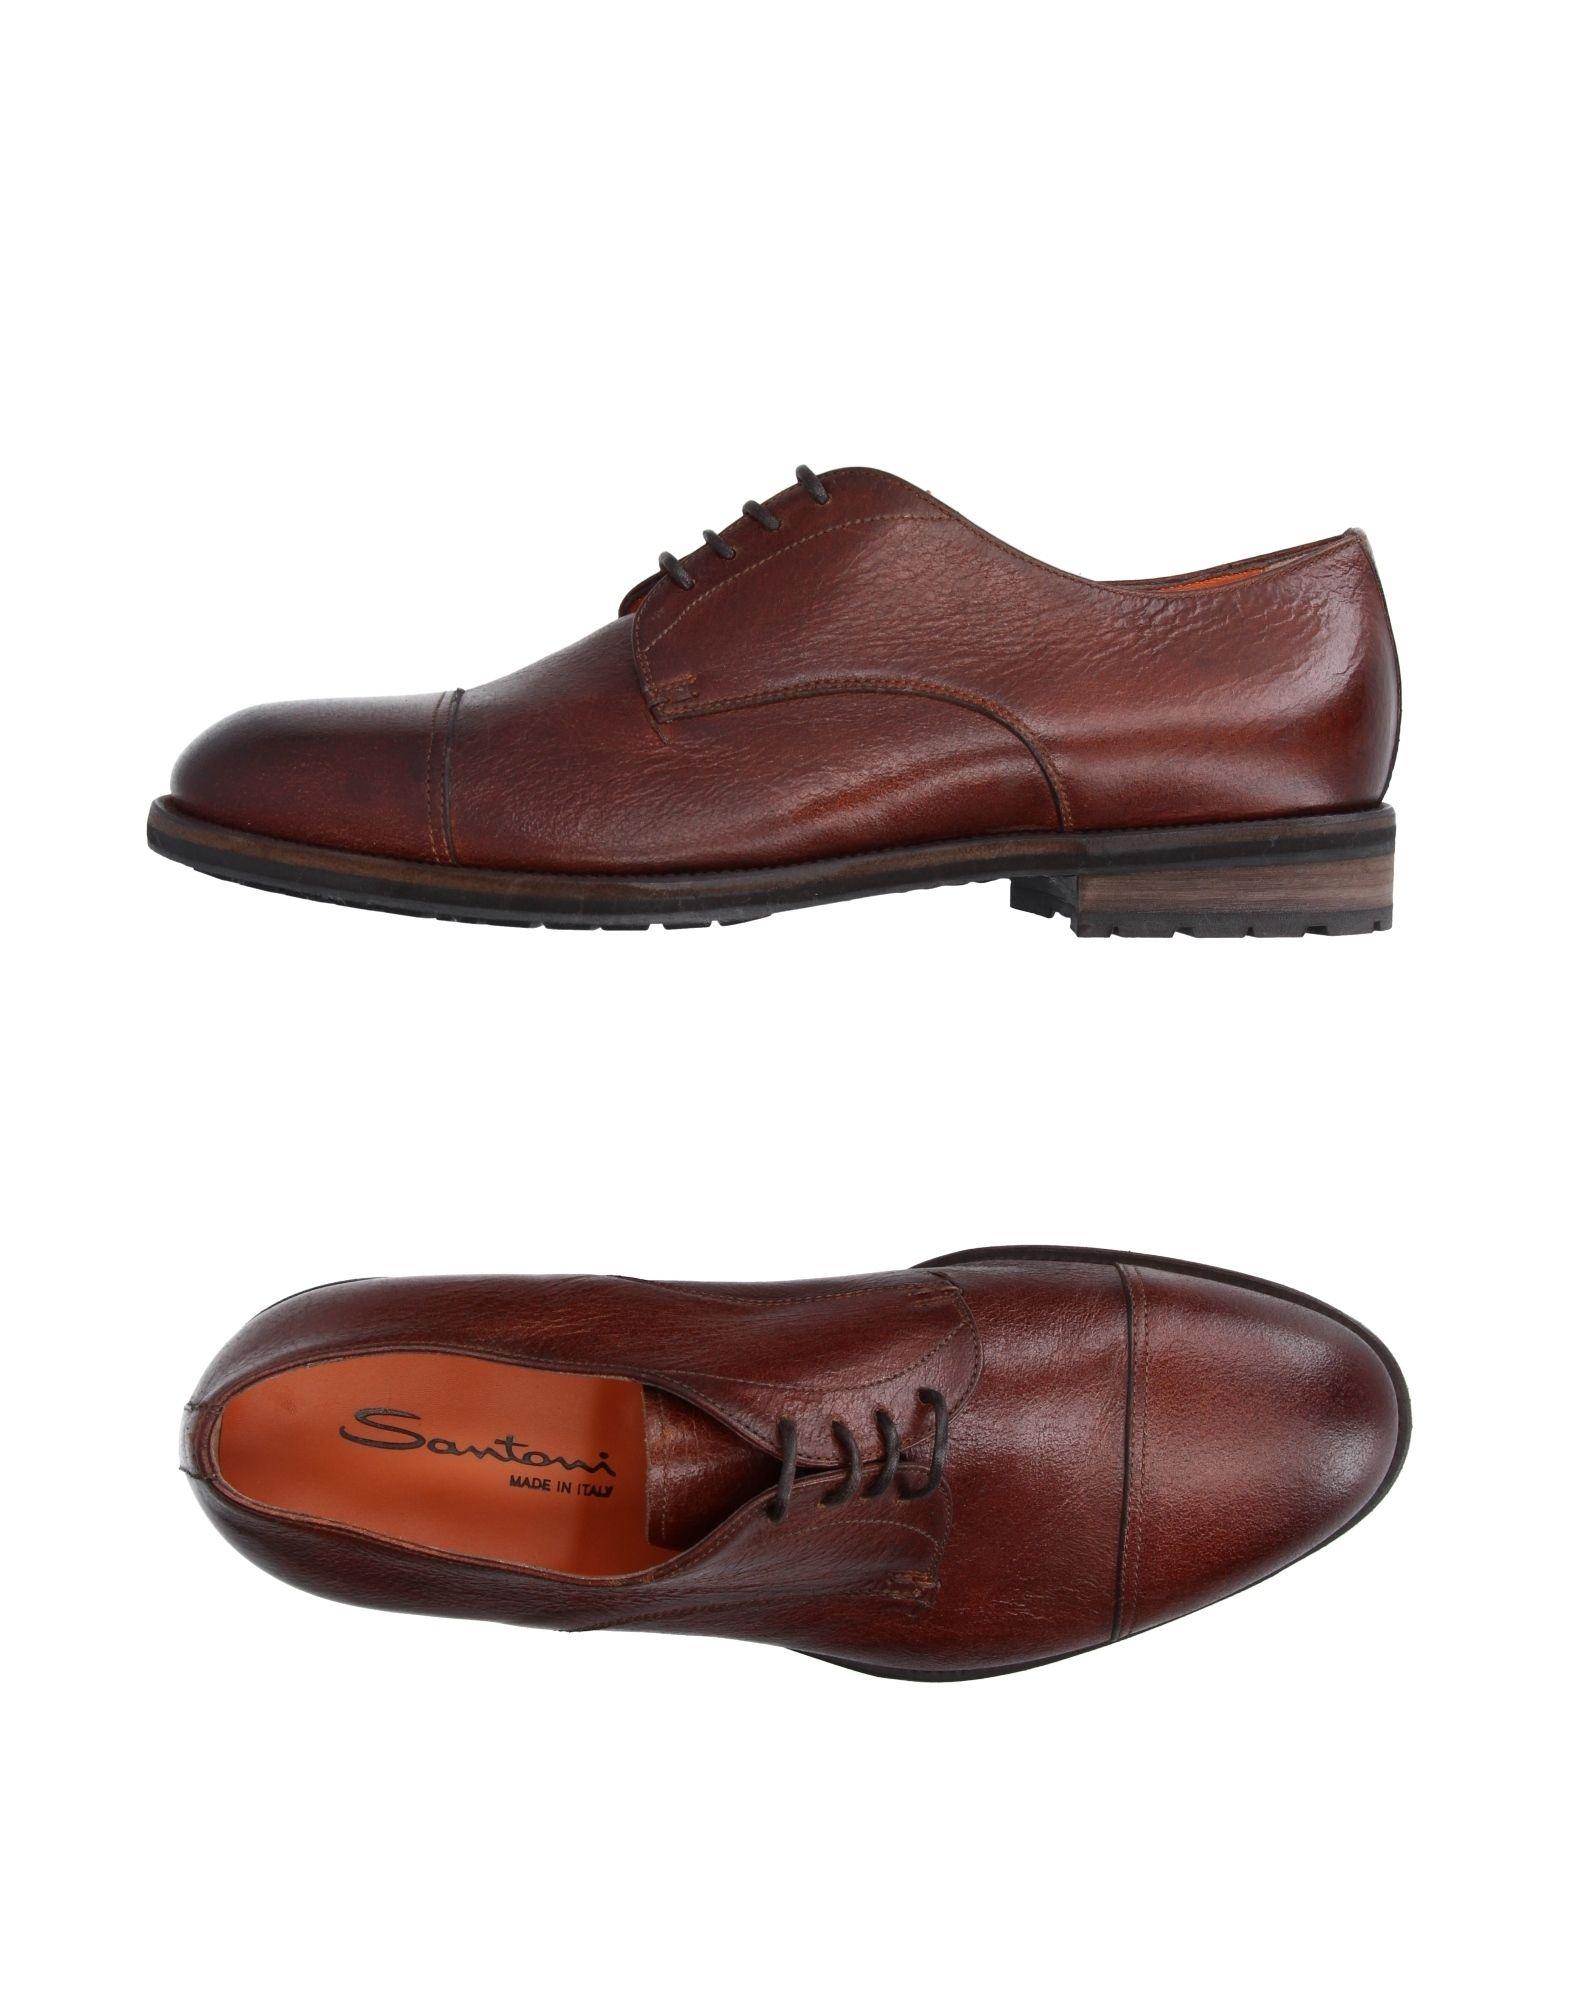 Santoni Schnürschuhe Herren  Schuhe 11219489OA Gute Qualität beliebte Schuhe  ddb325